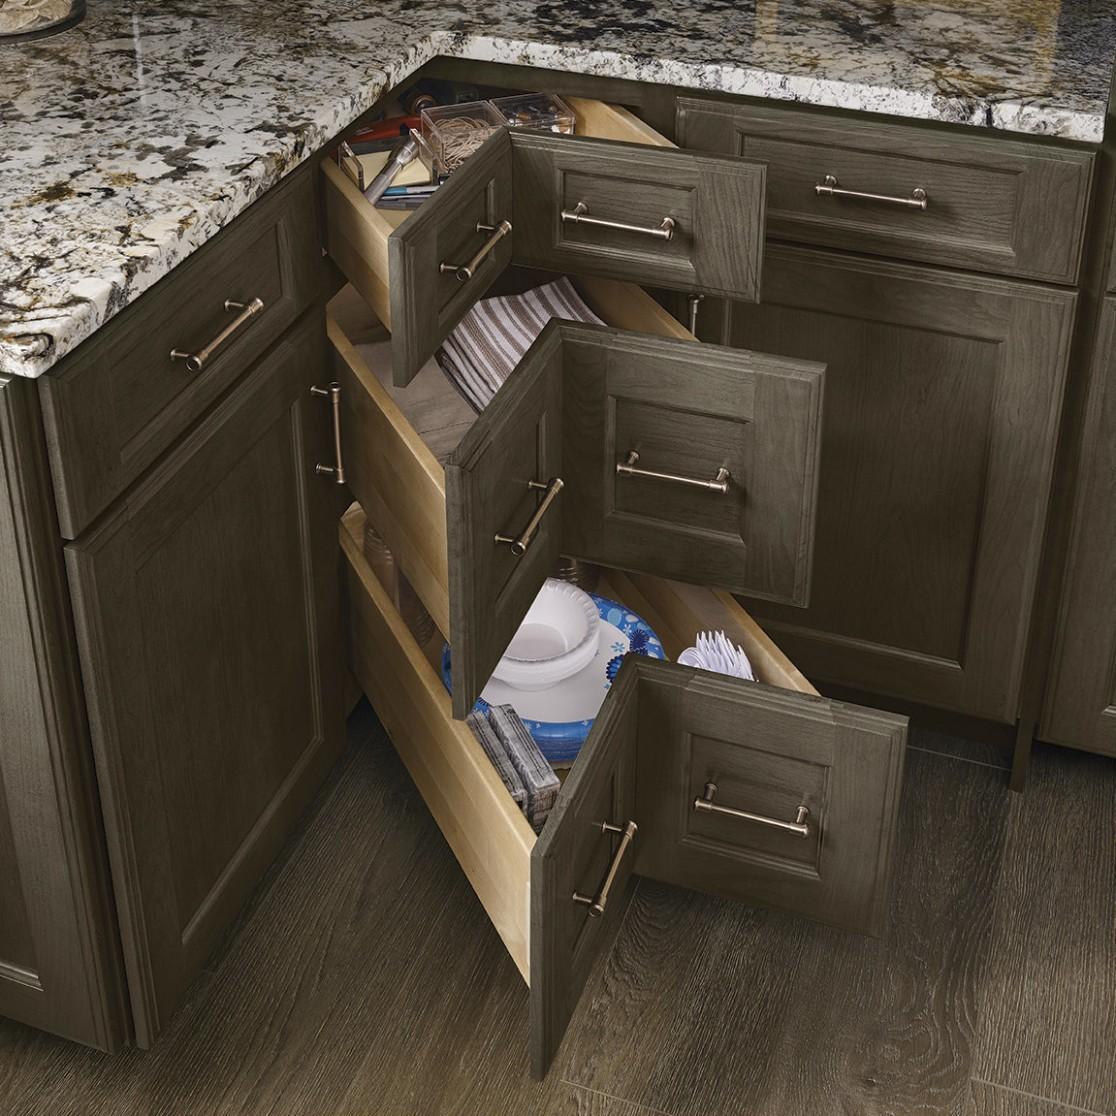 Merillat Masterpiece® Base Cabinet Corner Solution Drawers - 24 Inch Corner Kitchen Base Cabinet